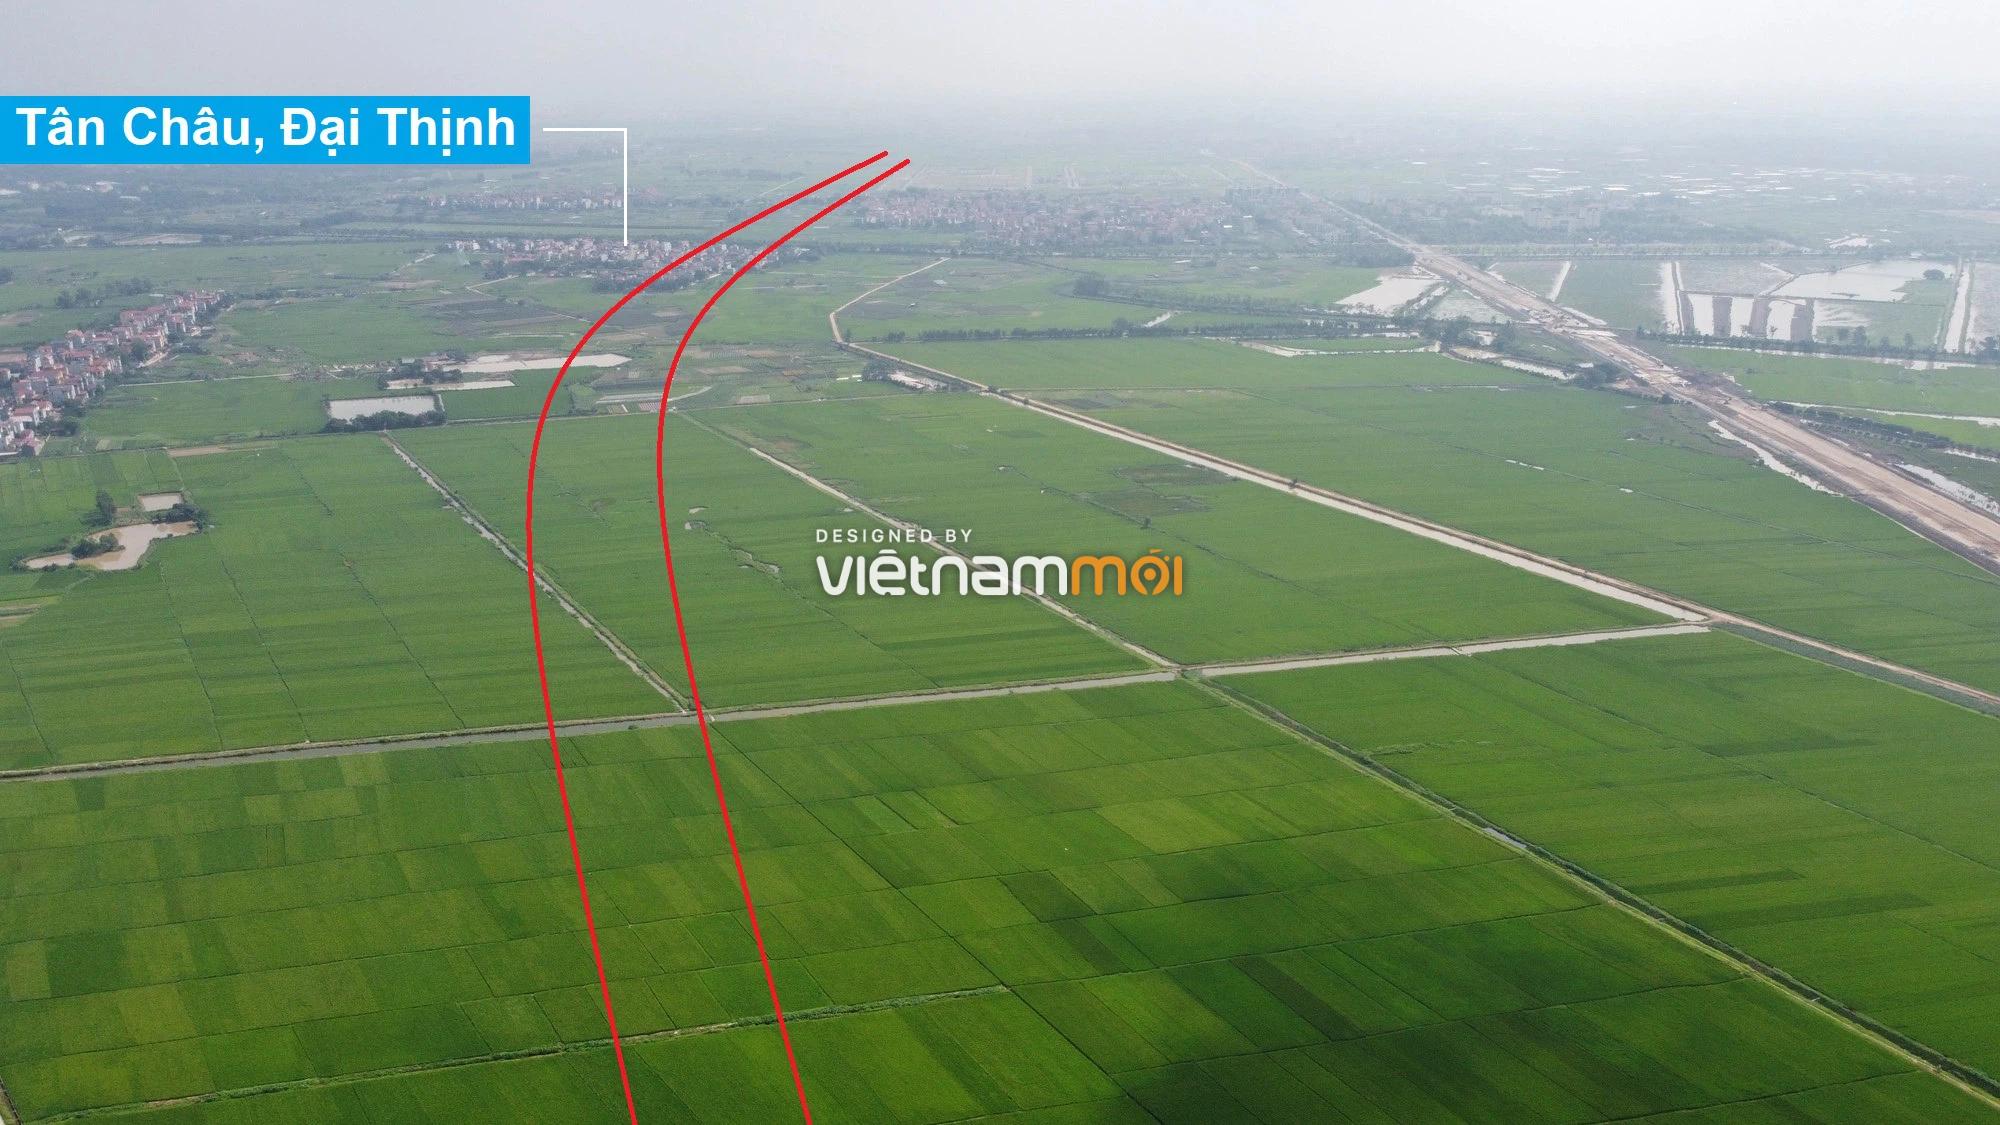 Đường Vành đai 4 sẽ mở theo quy hoạch qua huyện Mê Linh, Hà Nội - Ảnh 2.